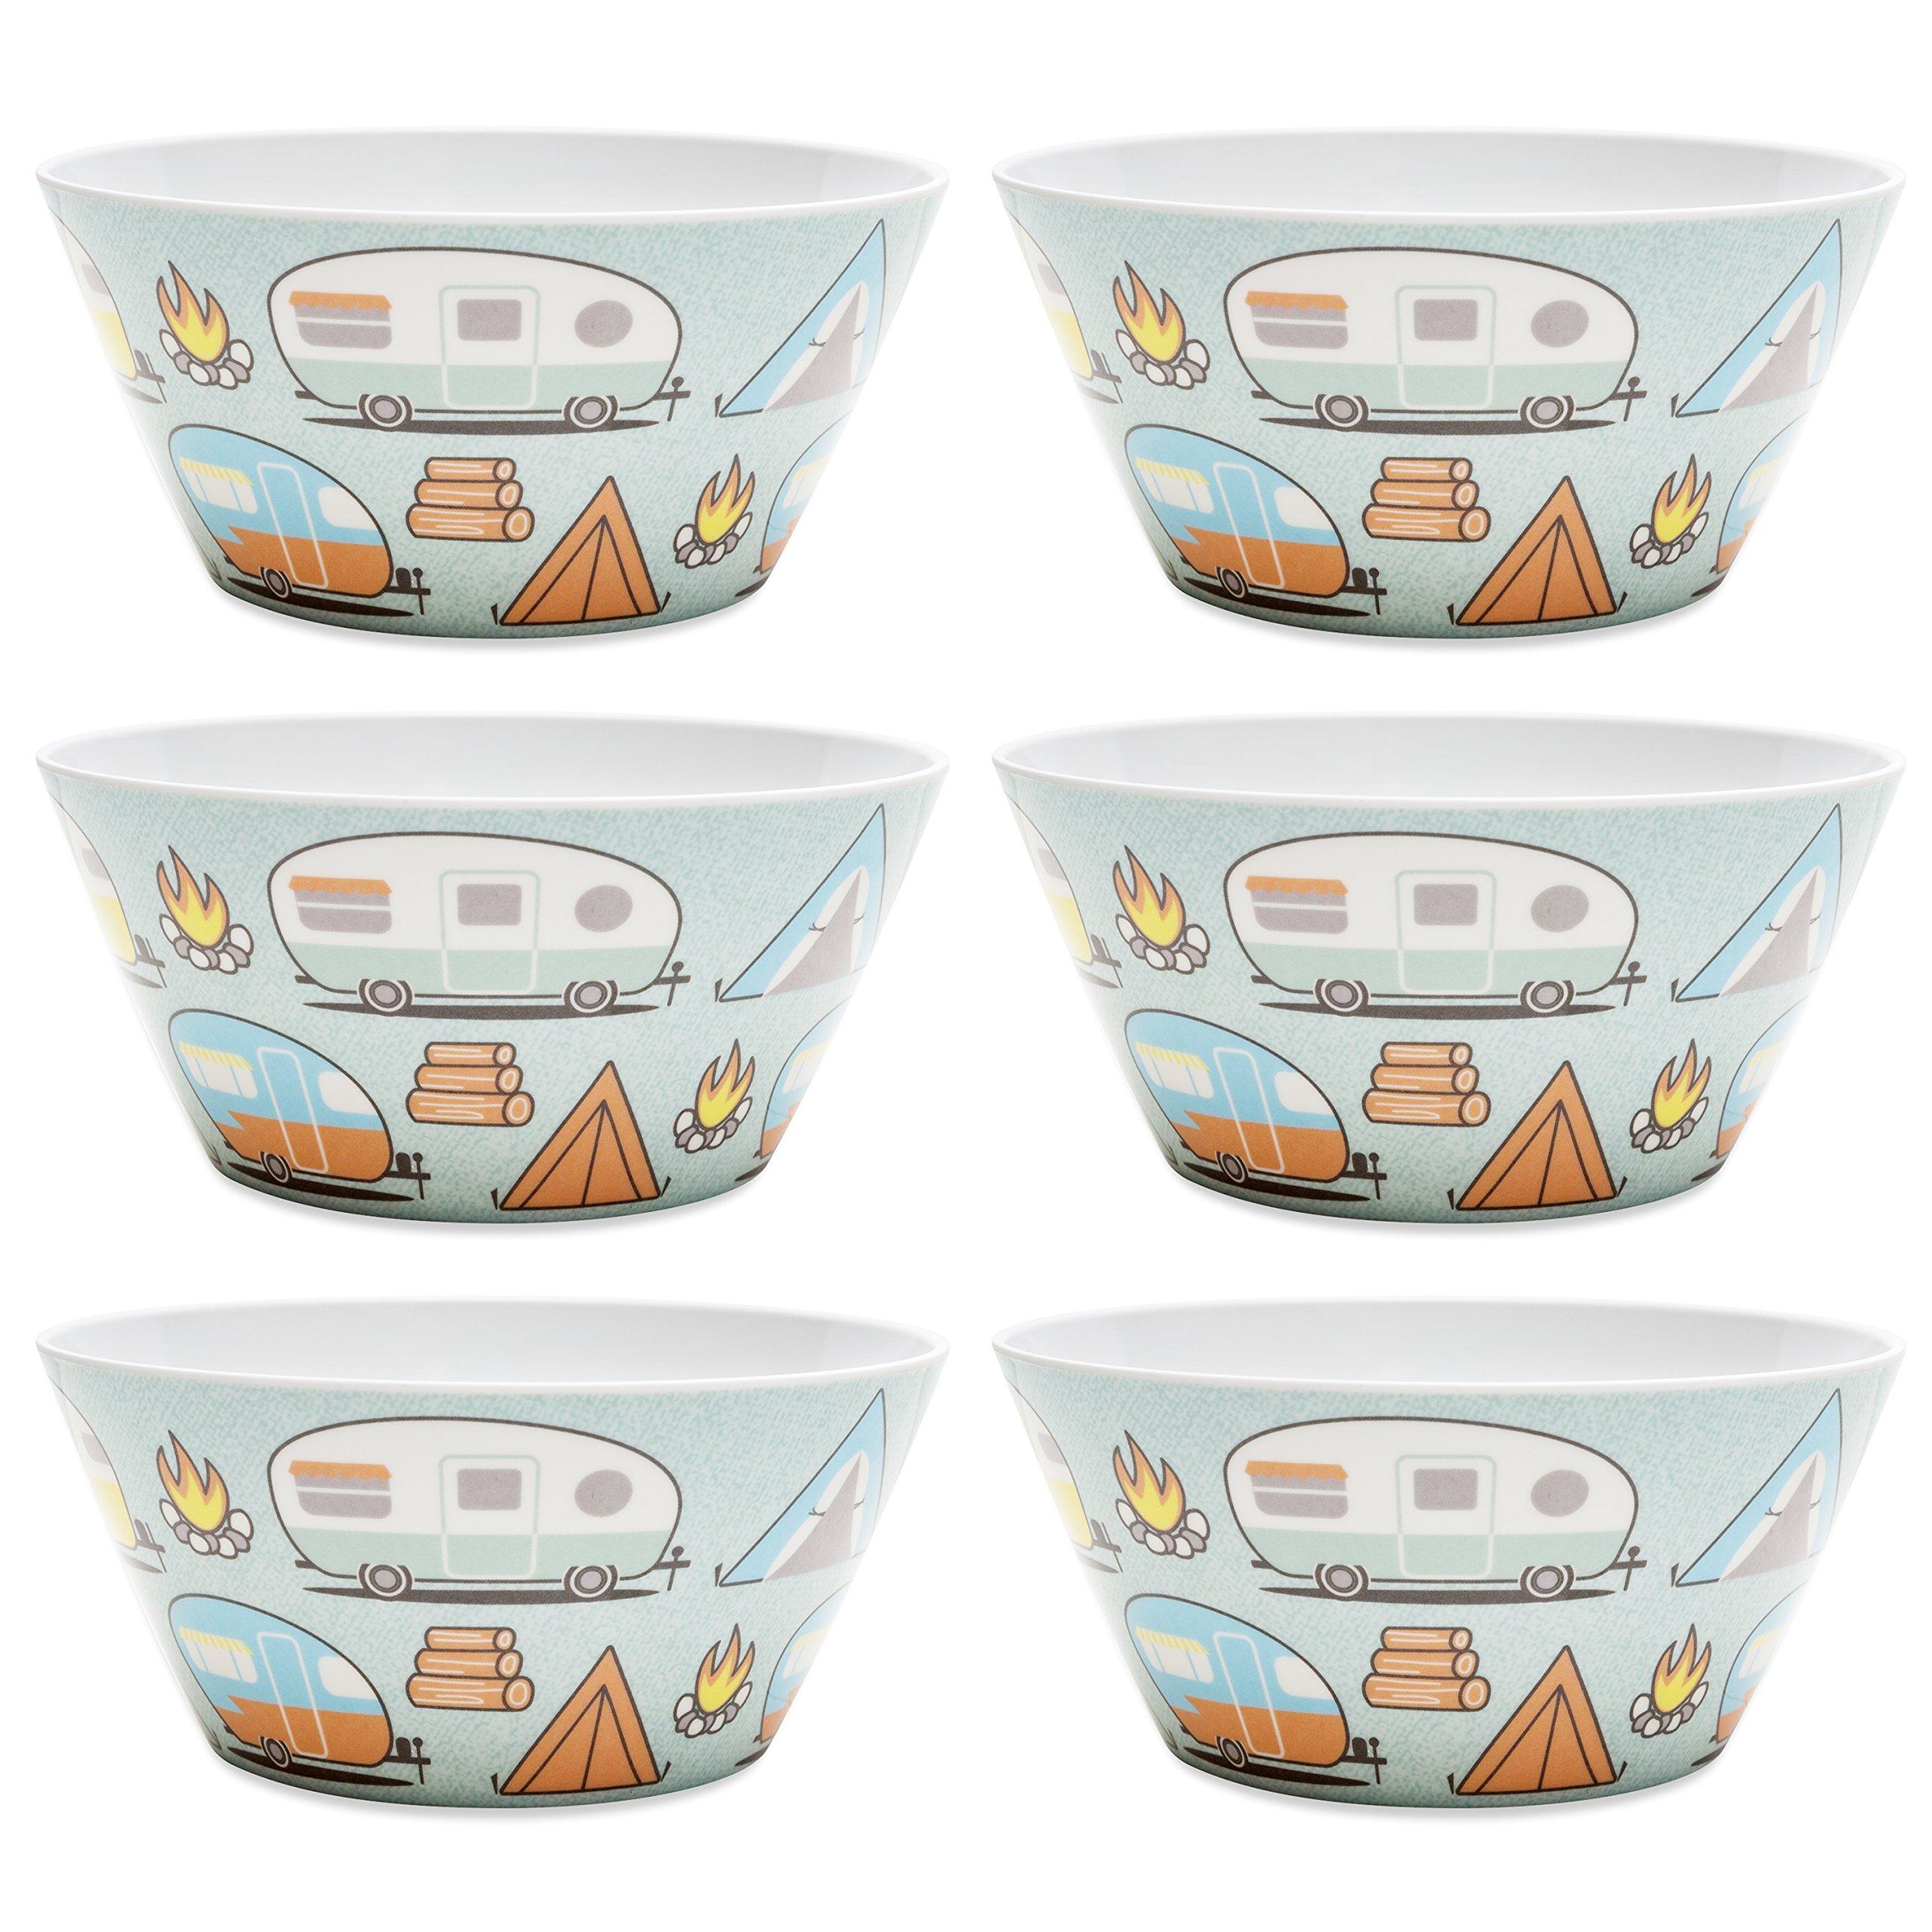 Zak Designs 6741-0321-ISET Adventurer 6-inch Plastic Soup Bowl (27 oz.), Tents & Trailers, 6-piece set